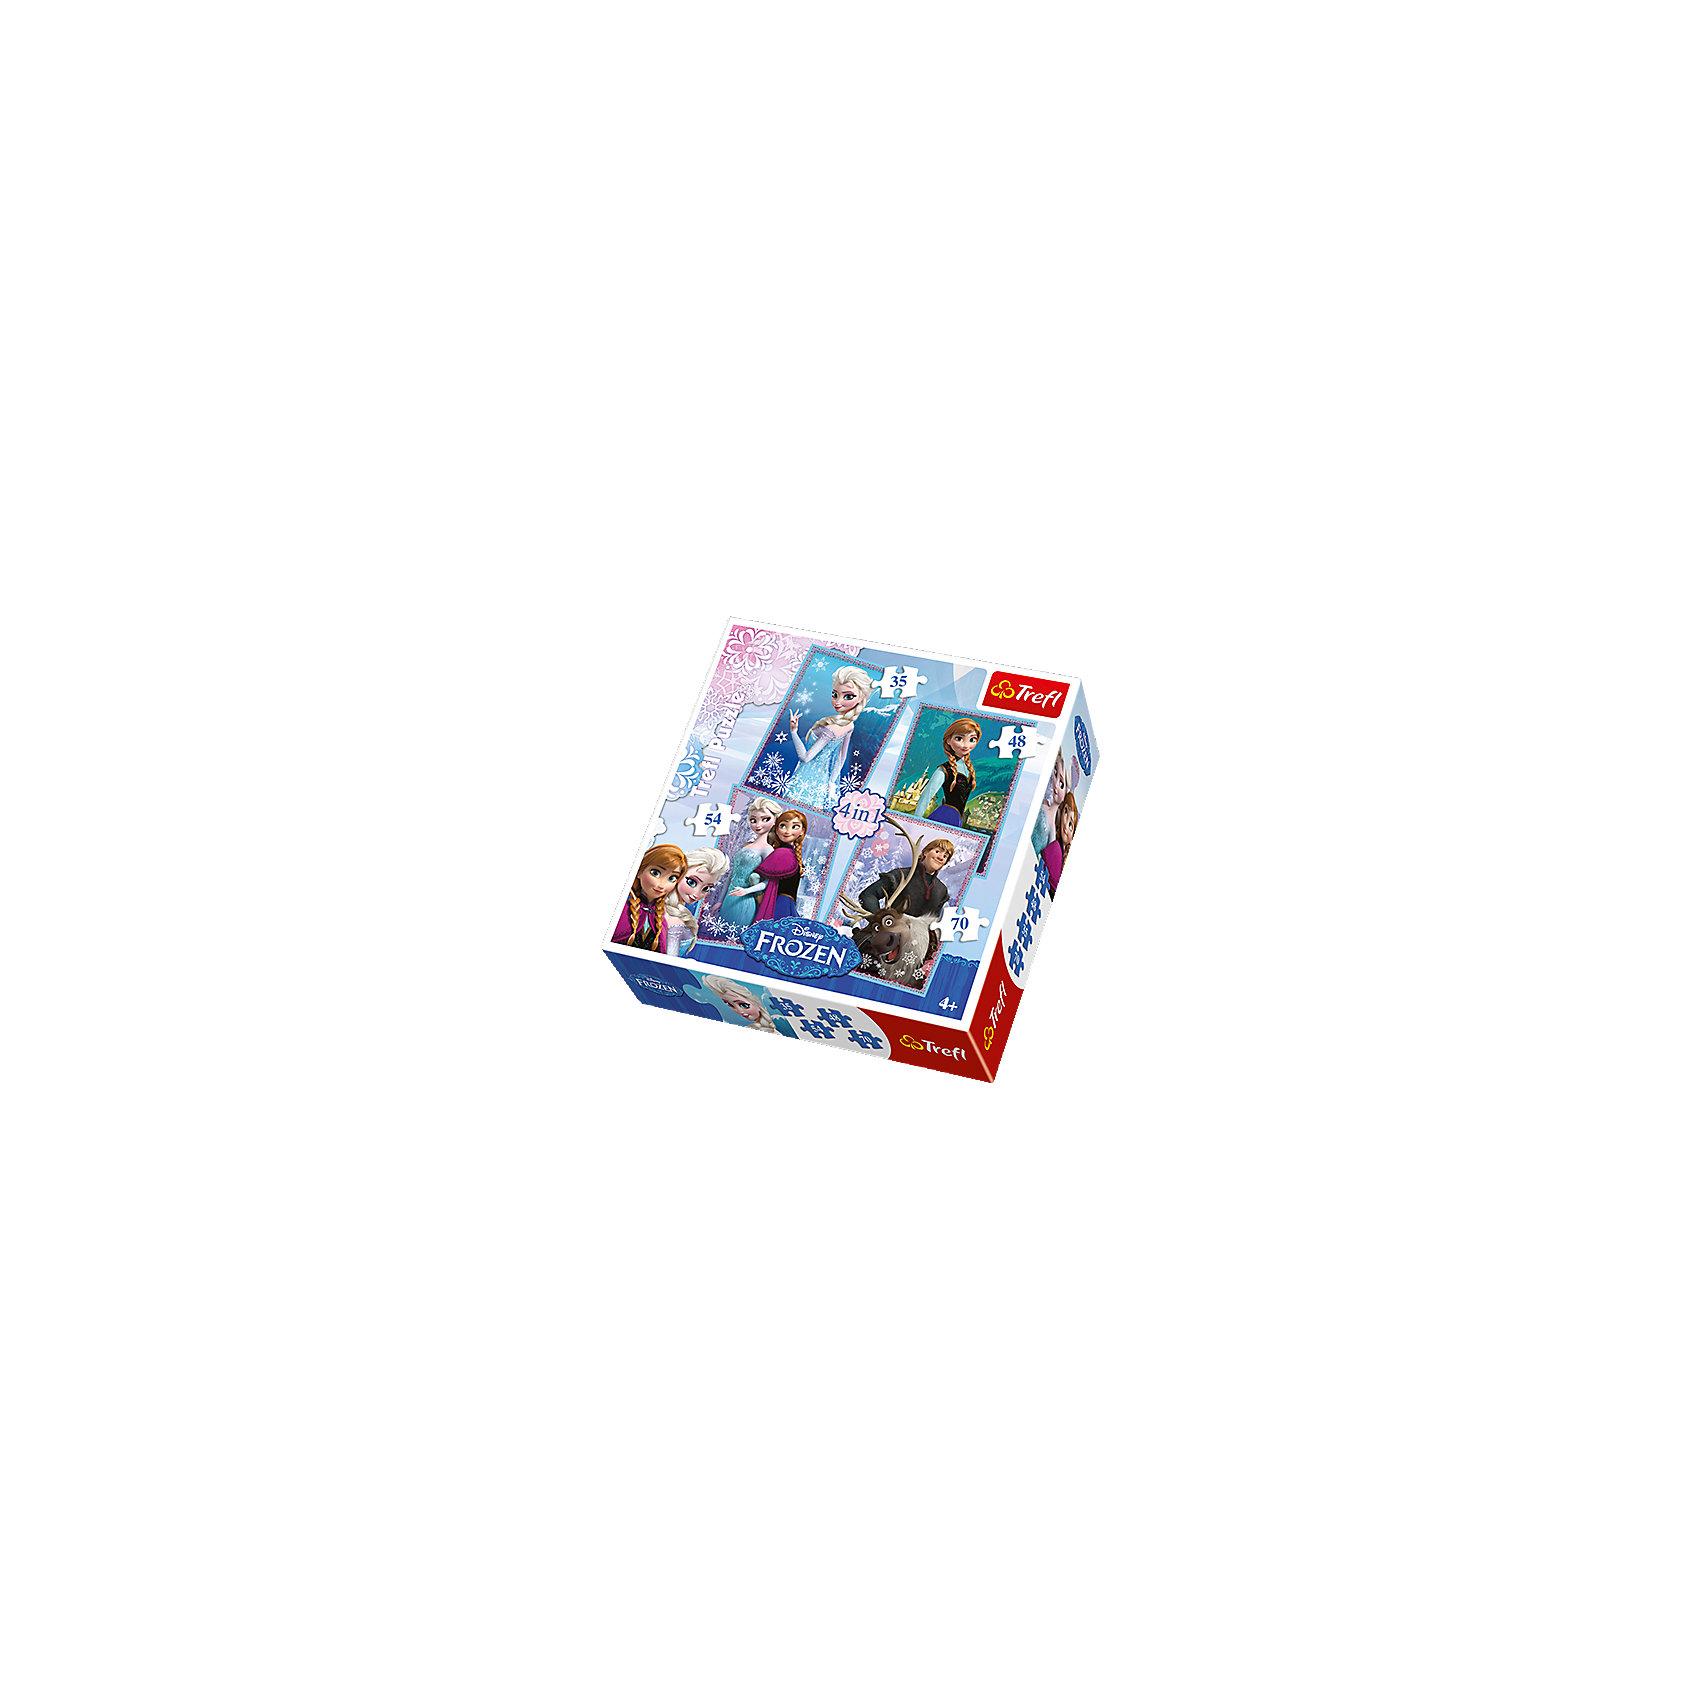 Набор пазлов 4 в 1 Холодное Сердце, 35*48*54*70 деталей, TreflКоличество деталей<br>Характеристики товара:<br><br>• возраст от 5 лет;<br>• материал: картон;<br>• в комплекте: 1 пазл из 35 элементов, 1 пазл из 48 элементов, 1 пазл из 54 элементов, 1 пазл из 70 элементов;<br>• размер пазла 28,5х20,5 см;<br>• размер упаковки 28х28х6 см;<br>• вес упаковки 565 гр.;<br>• страна производитель: Польша.<br><br>Набор пазлов 4 в 1 «Холодное сердце» Trefl создан по мотивам известного мультфильма Дисней «Холодное сердце». В наборе 4 пазла с любимыми персонажами: принцессами Анной и Эльзой, отважным Кристоффом и смешным оленем Свеном. Все элементы сделаны из качественного плотного картона, безопасного для детей. В процессе сборки у детей развиваются логическое мышление, усидчивость, моторика рук.<br><br>Набор пазлов 4 в 1 «Холодное сердце» Trefl можно приобрести в нашем интернет-магазине.<br><br>Ширина мм: 287<br>Глубина мм: 286<br>Высота мм: 66<br>Вес г: 575<br>Возраст от месяцев: 60<br>Возраст до месяцев: 96<br>Пол: Женский<br>Возраст: Детский<br>Количество деталей: 35<br>SKU: 4040342